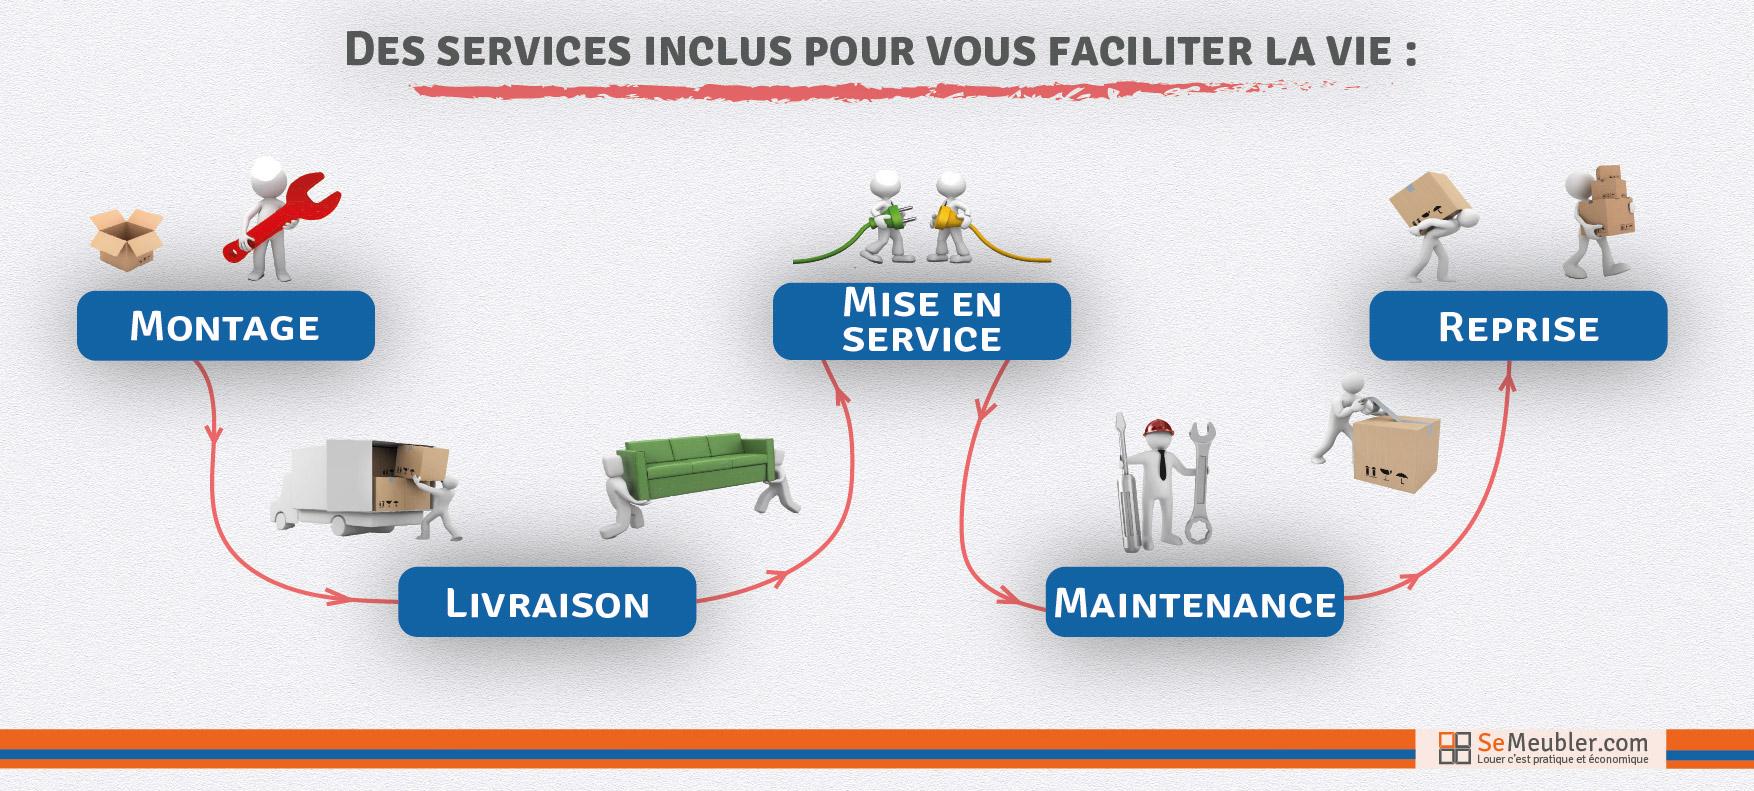 Service SeMeubler.com